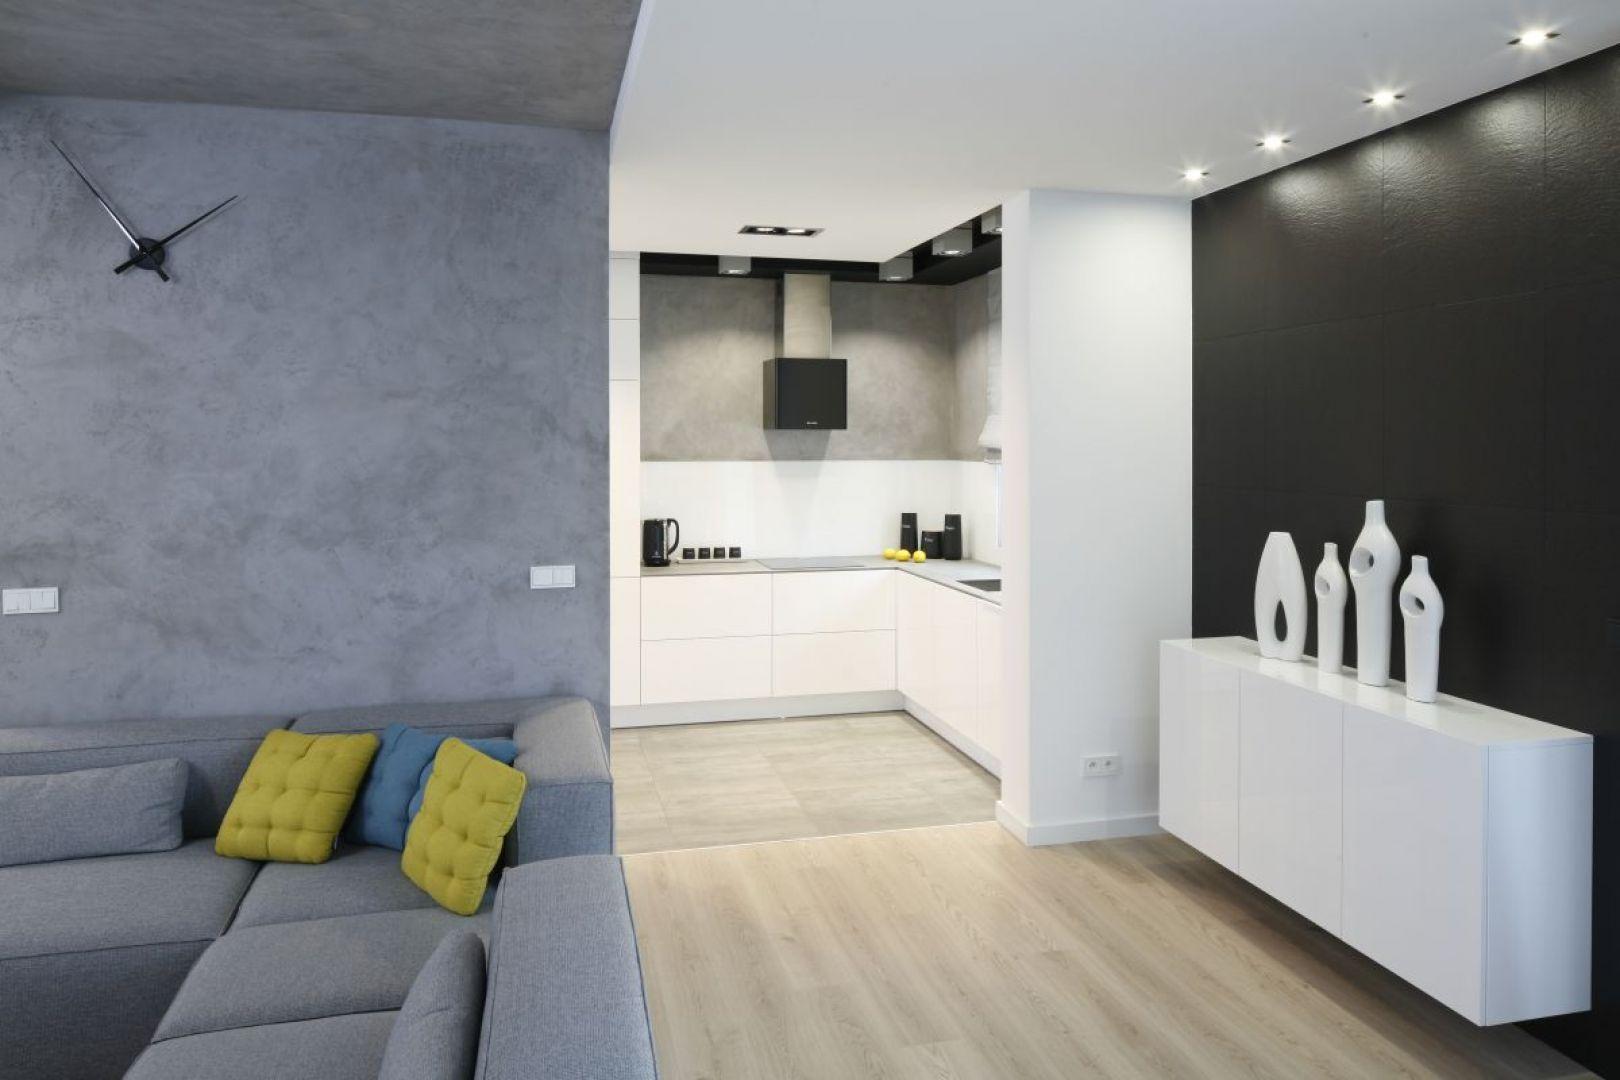 Beton doskonale sprawdzi się w każdej kuchni. Dobrze zaprezentuje się w minimalistycznym wnętrzu wypełnionym czarną lub białą zabudową, jak również tam, gdzie dominują żywe kolory. Proj. Karolina Szadujo-Stanek, Łukasz Szadujko, Fot. Bartosz Jarosz